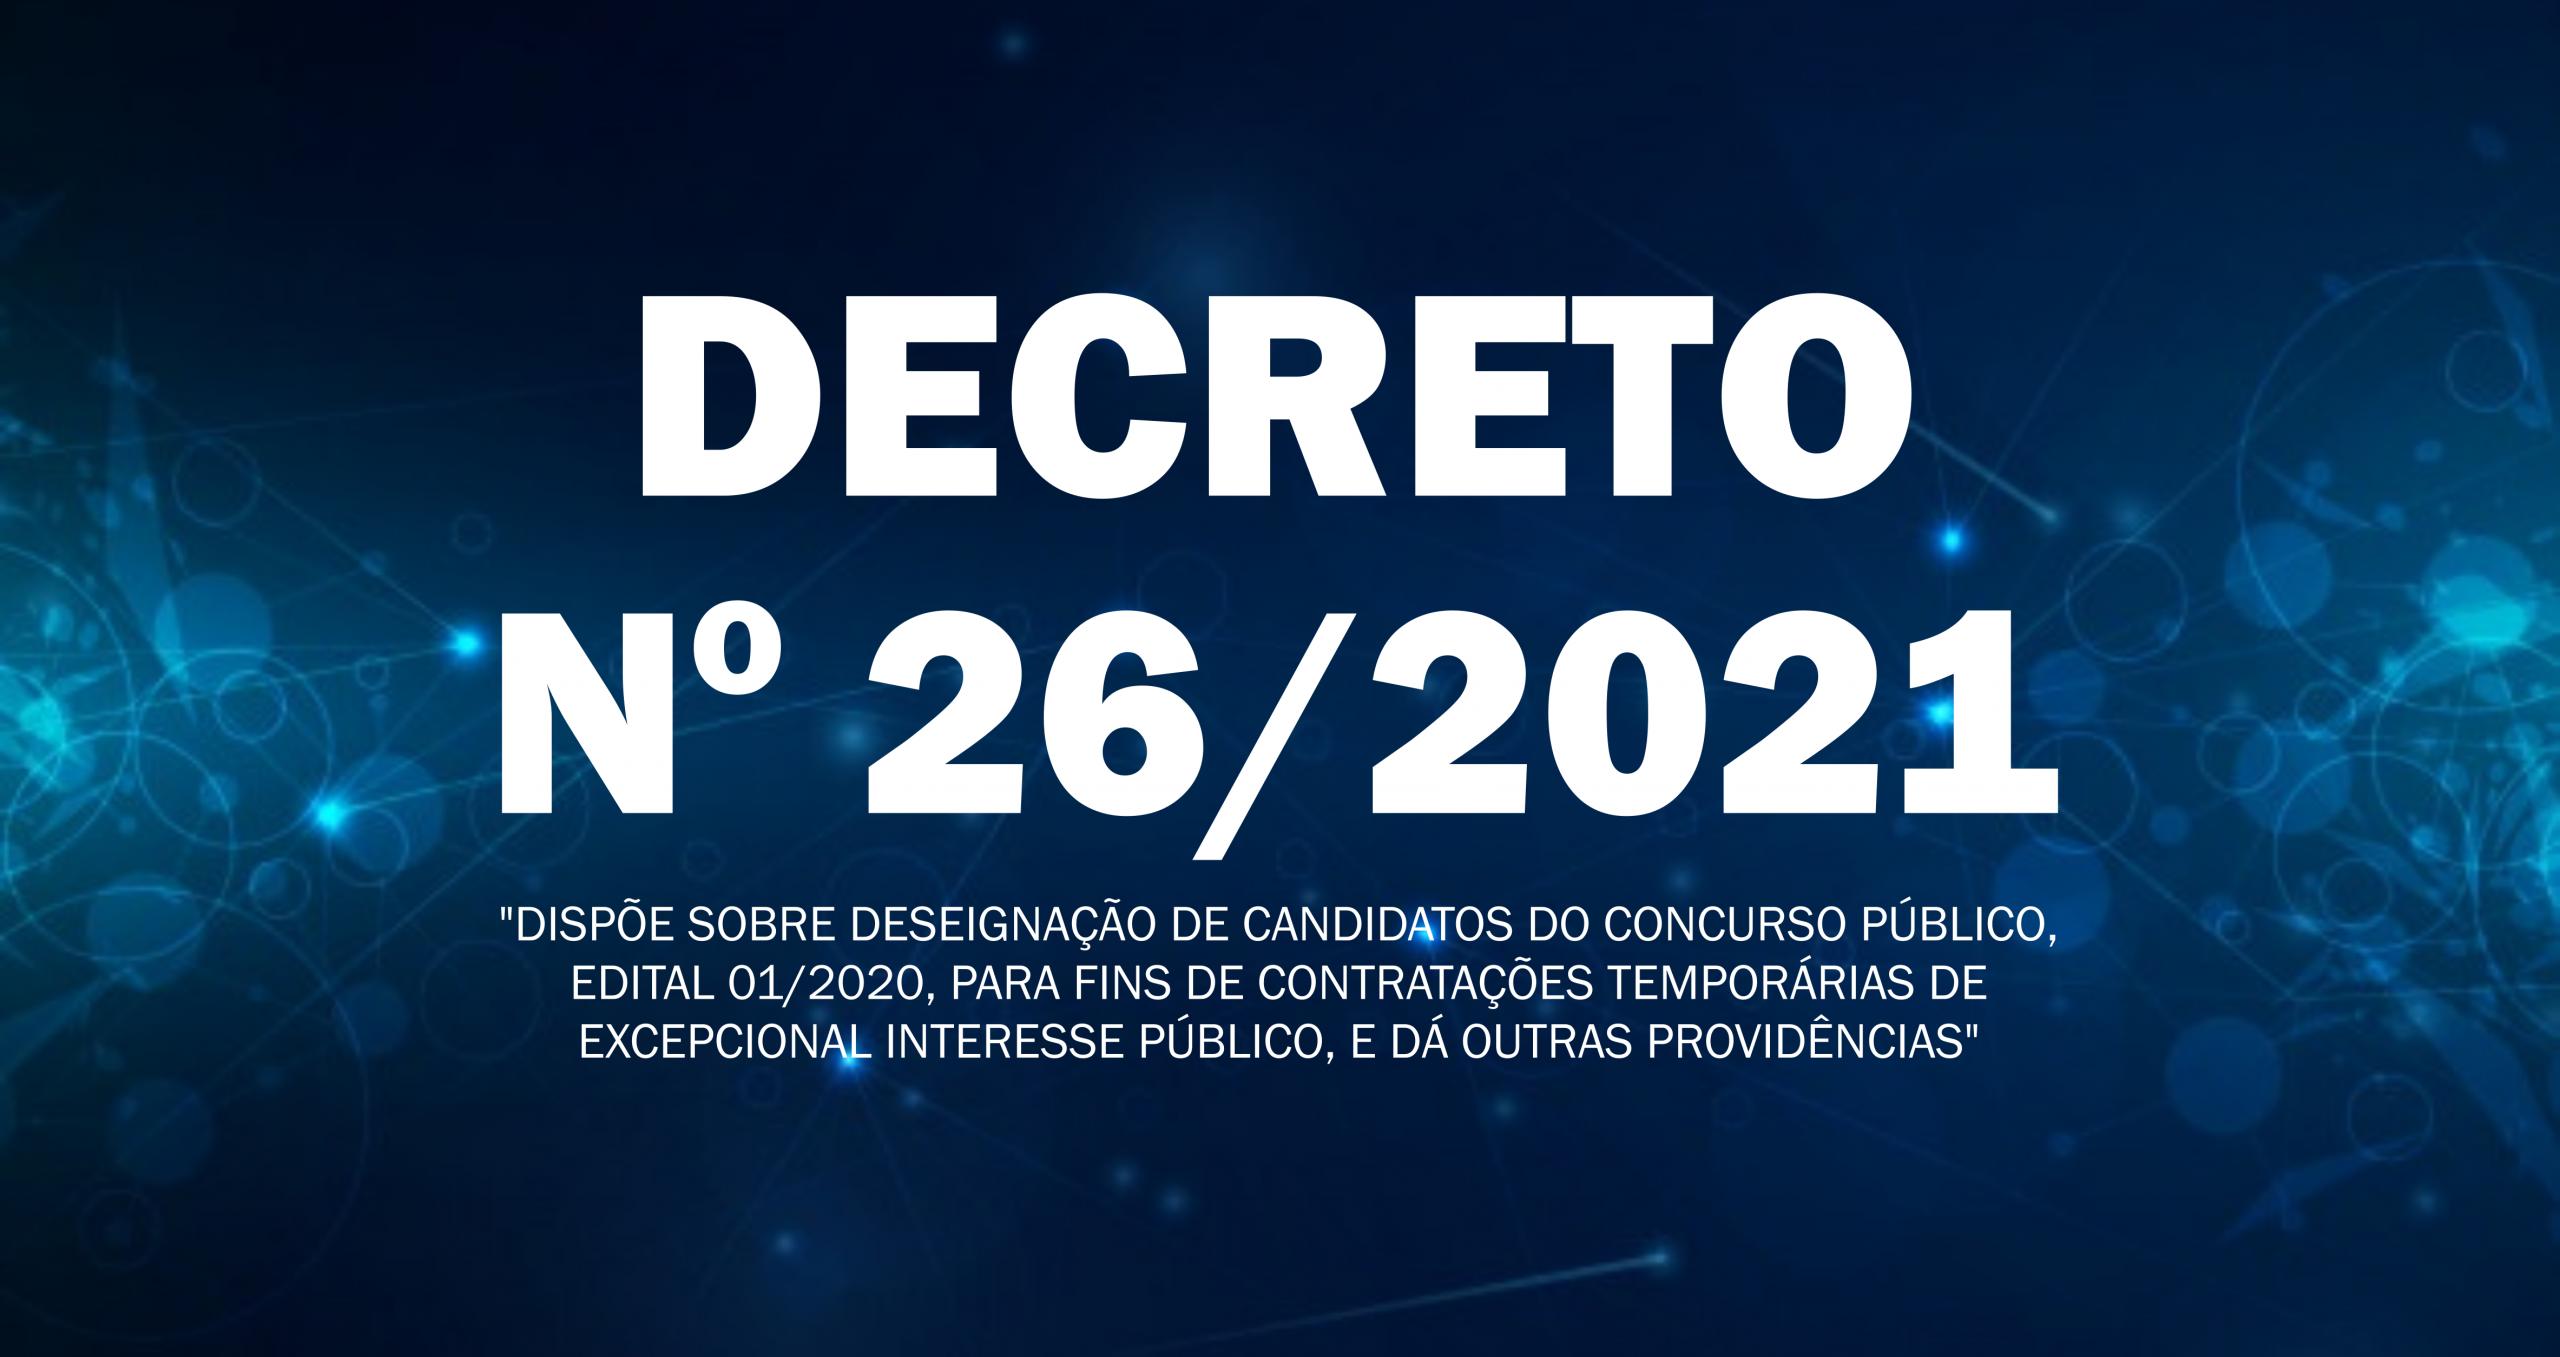 """DECRETO Nº 26/2021 – """"DISPÕE SOBRE DESEIGNAÇÃO DE CANDIDATOS DO CONCURSO PÚBLICO, EDITAL 01/2020, PARA FINS DE CONTRATAÇÕES TEMPORÁRIAS DE EXCEPCIONAL INTERESSE PÚBLICO, E DÁ OUTRAS PROVIDÊNCIAS"""""""